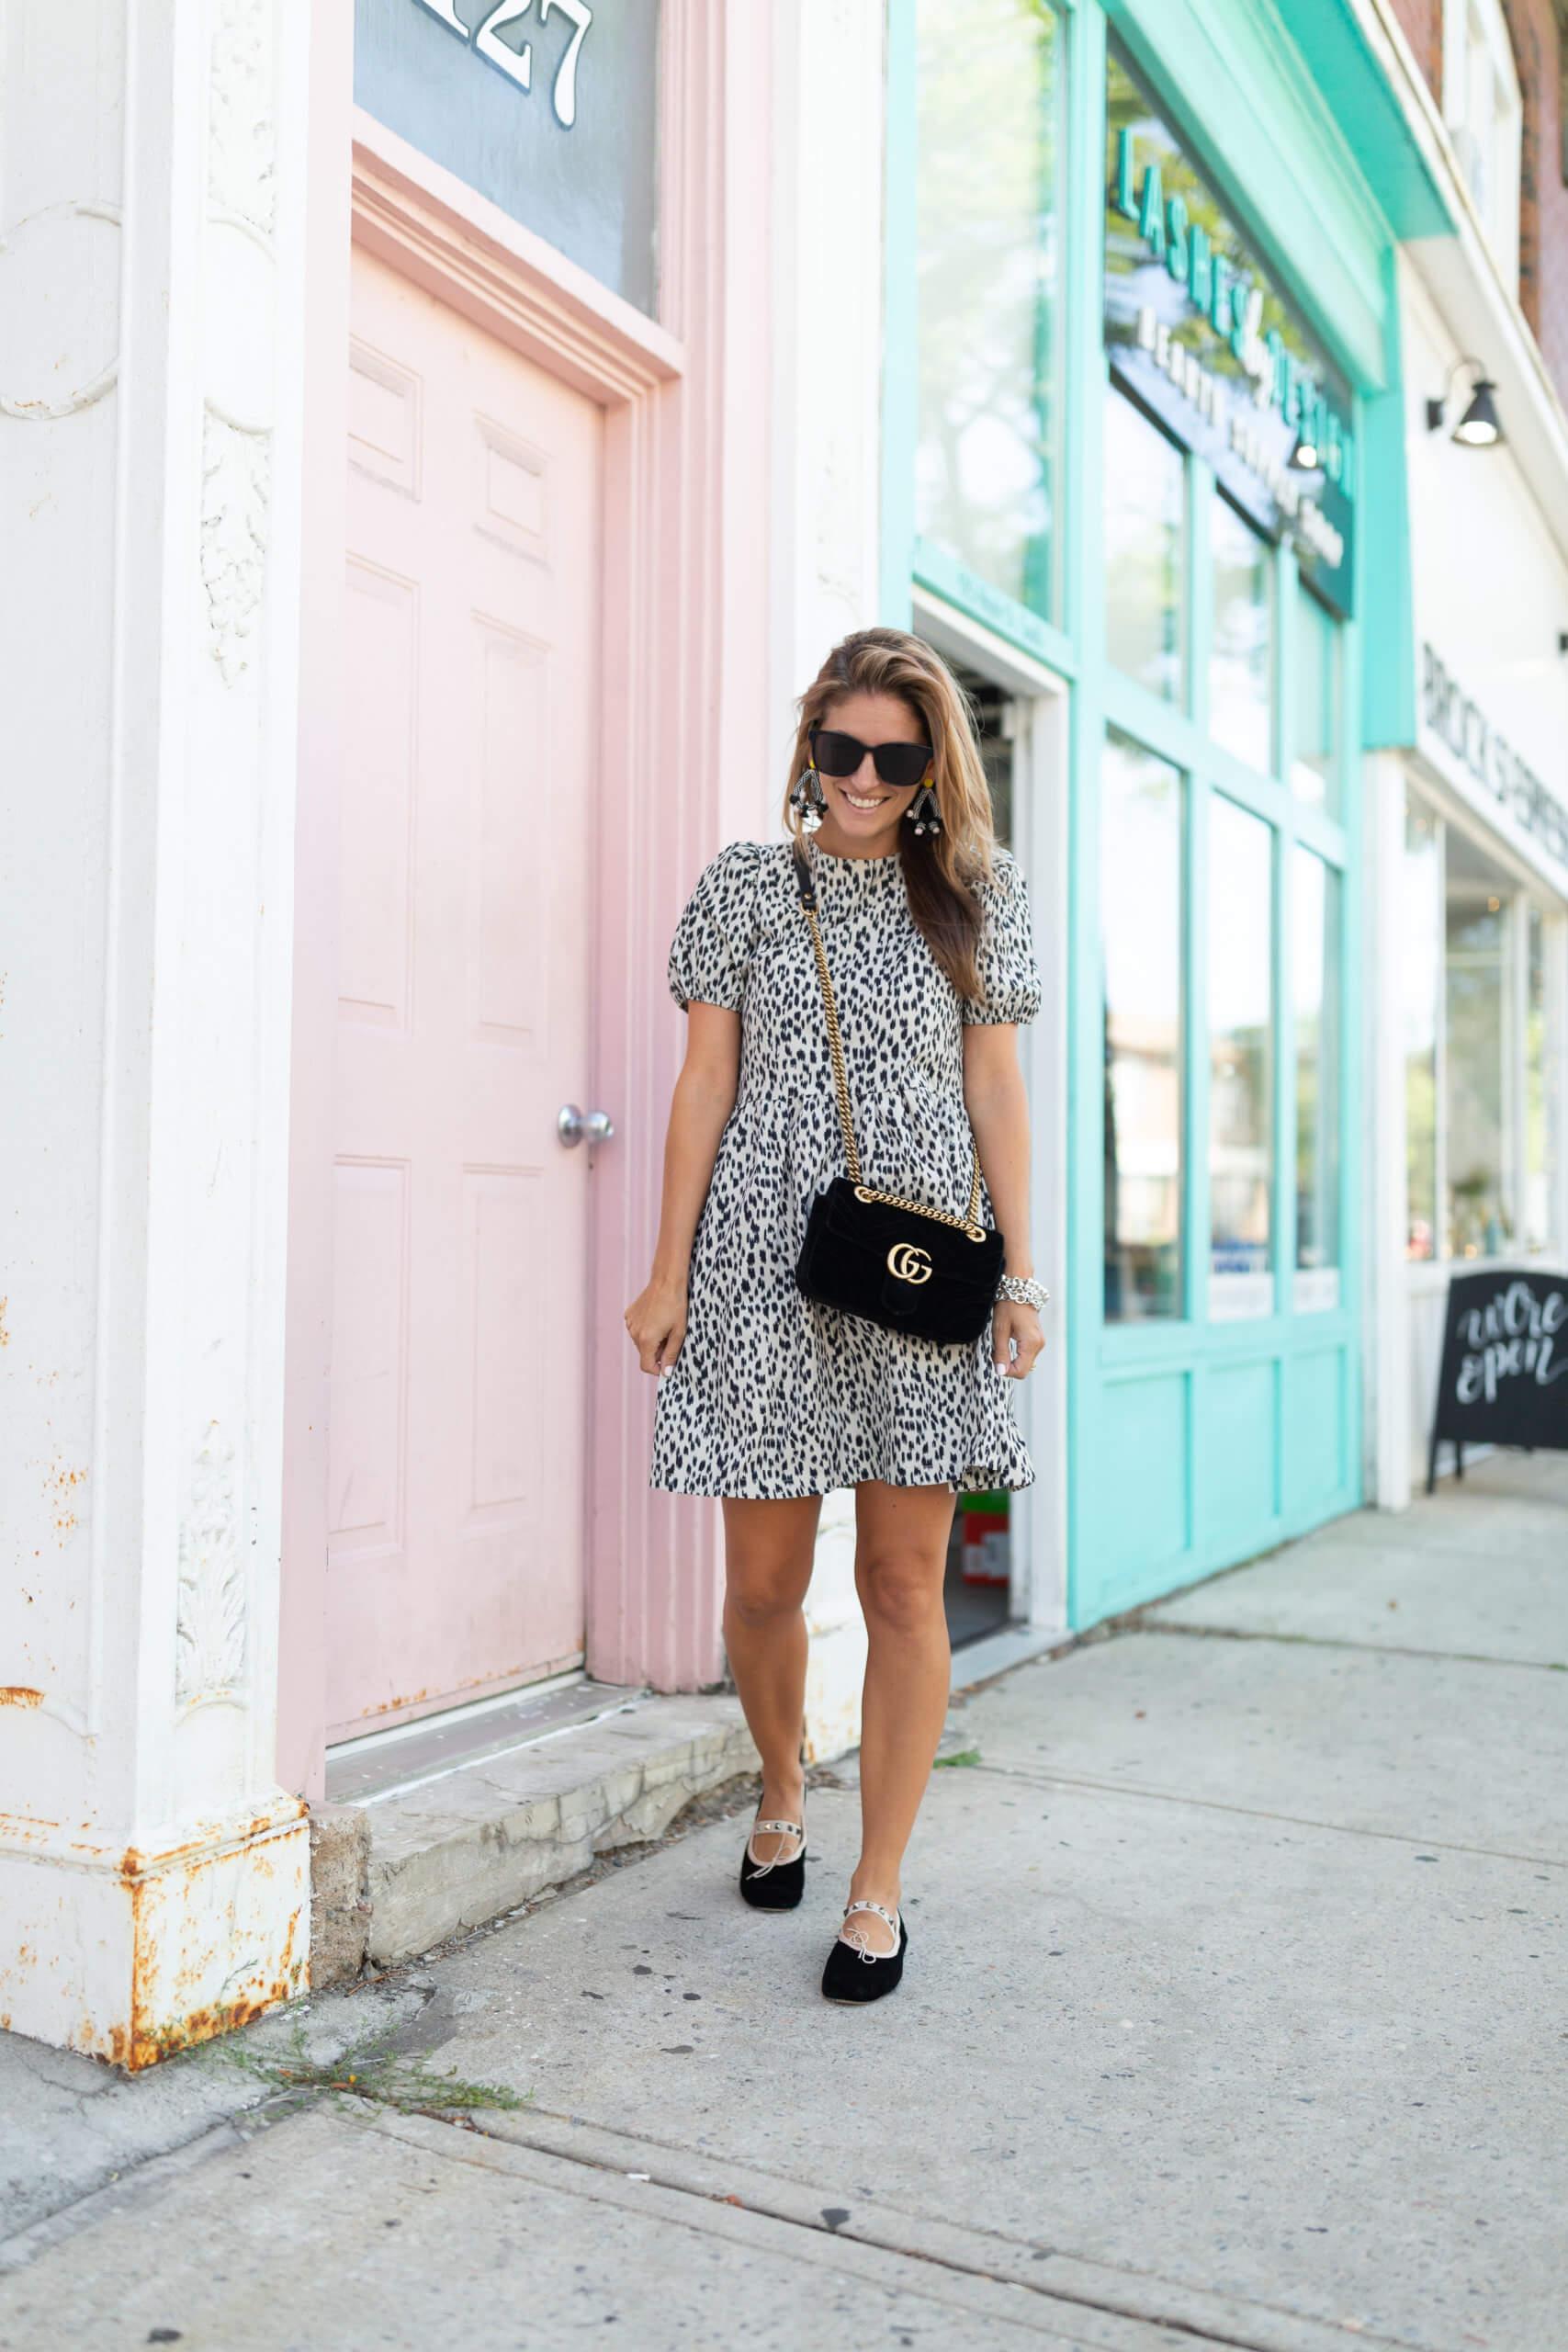 Leopard Chicwish dress; summer leopard dress; Mandy Furnis sparkleshinylove; durham region blogger